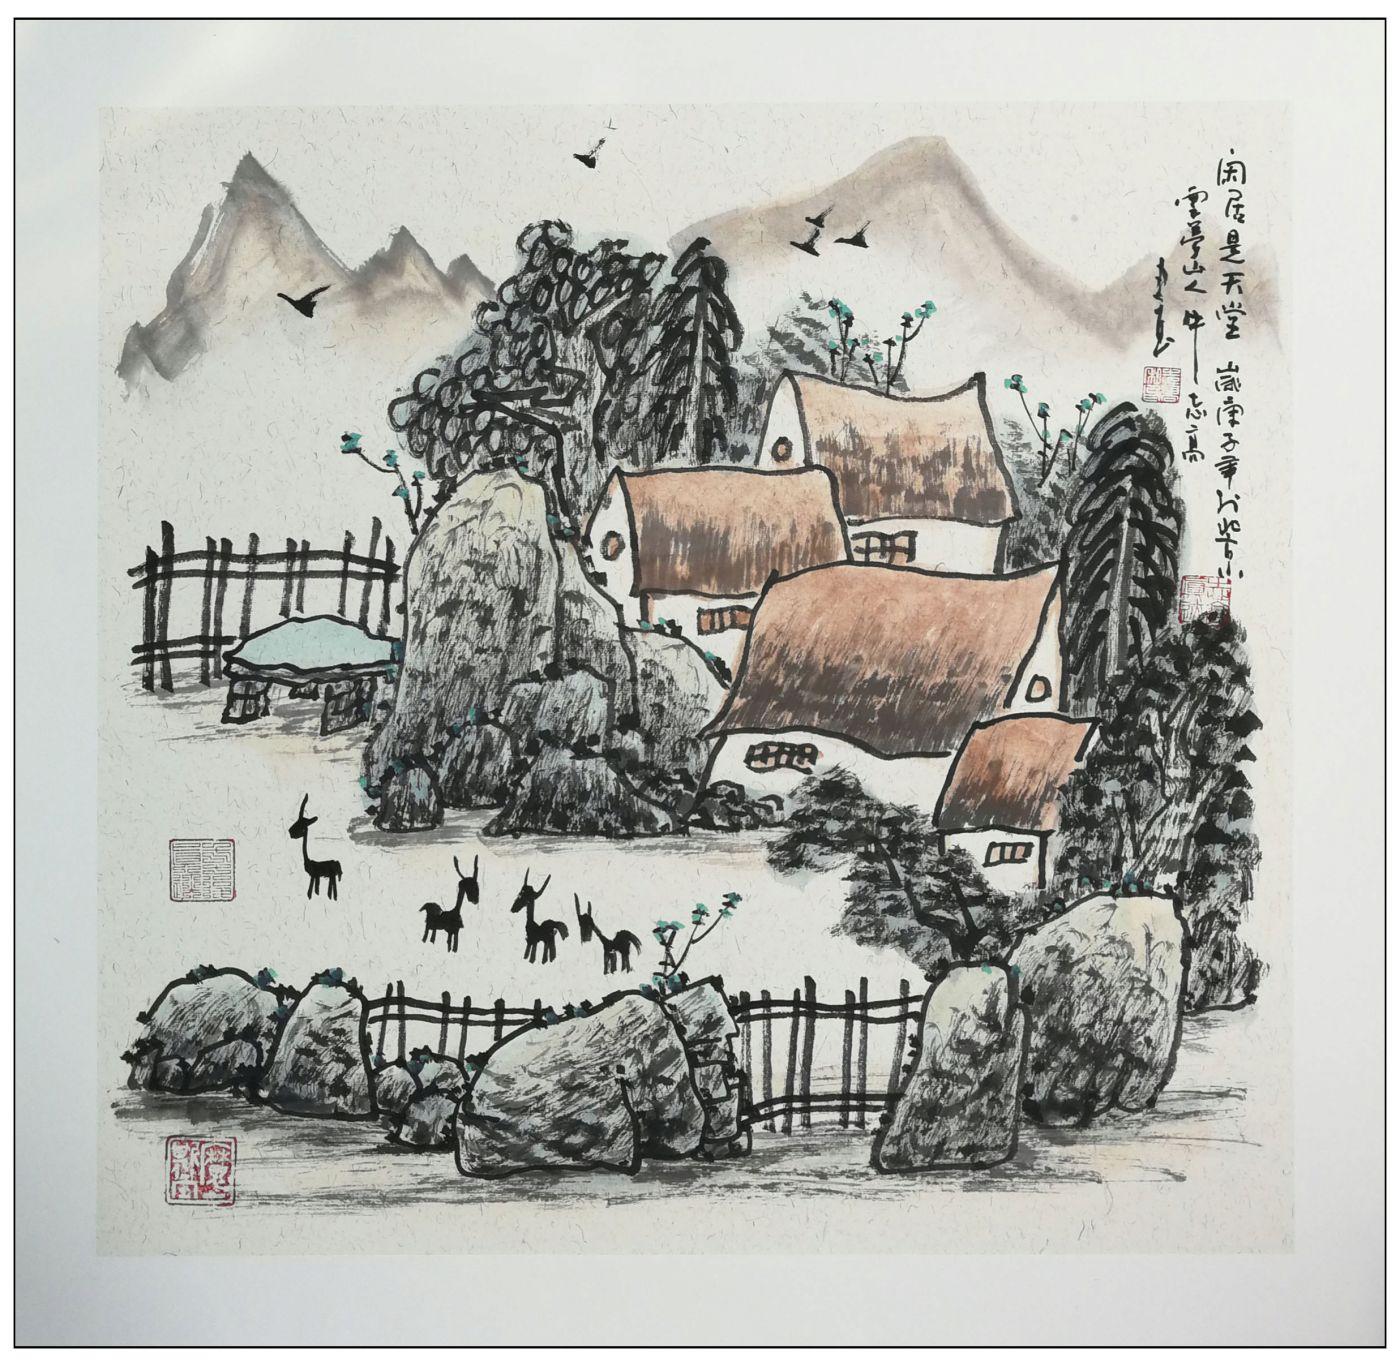 牛志高2020山水画新作-----2020.07.07_图1-6